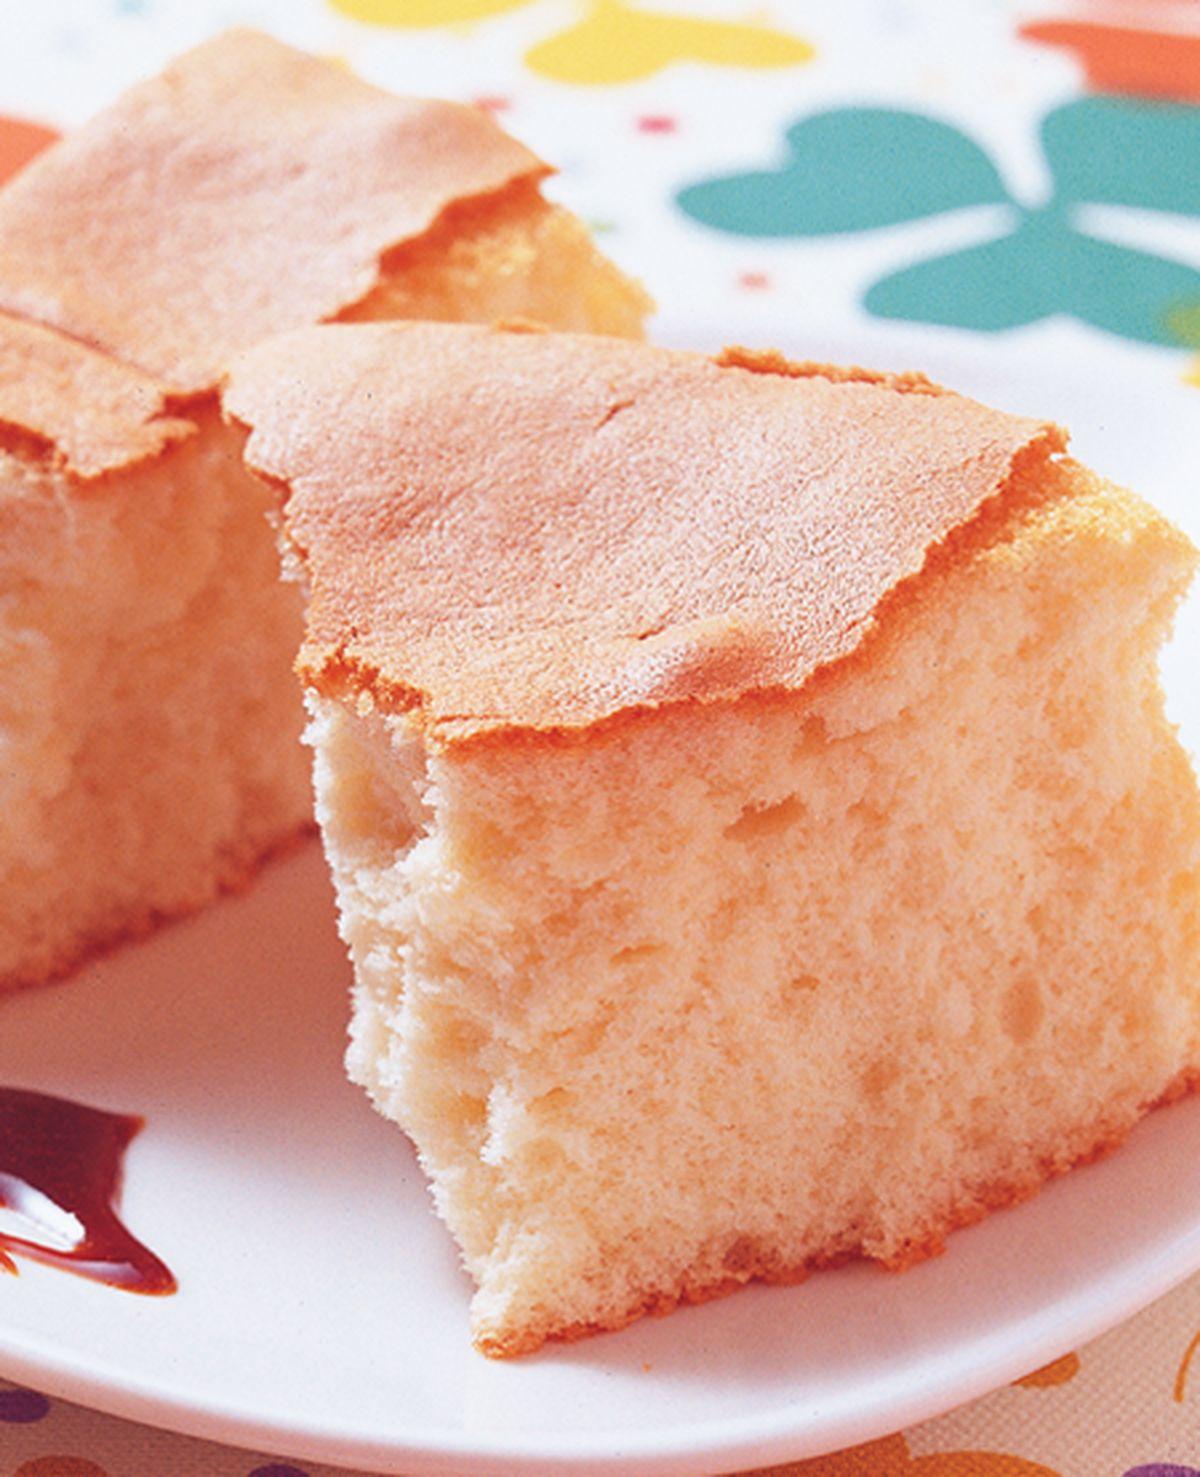 食譜:焦糖蜂蜜蛋糕